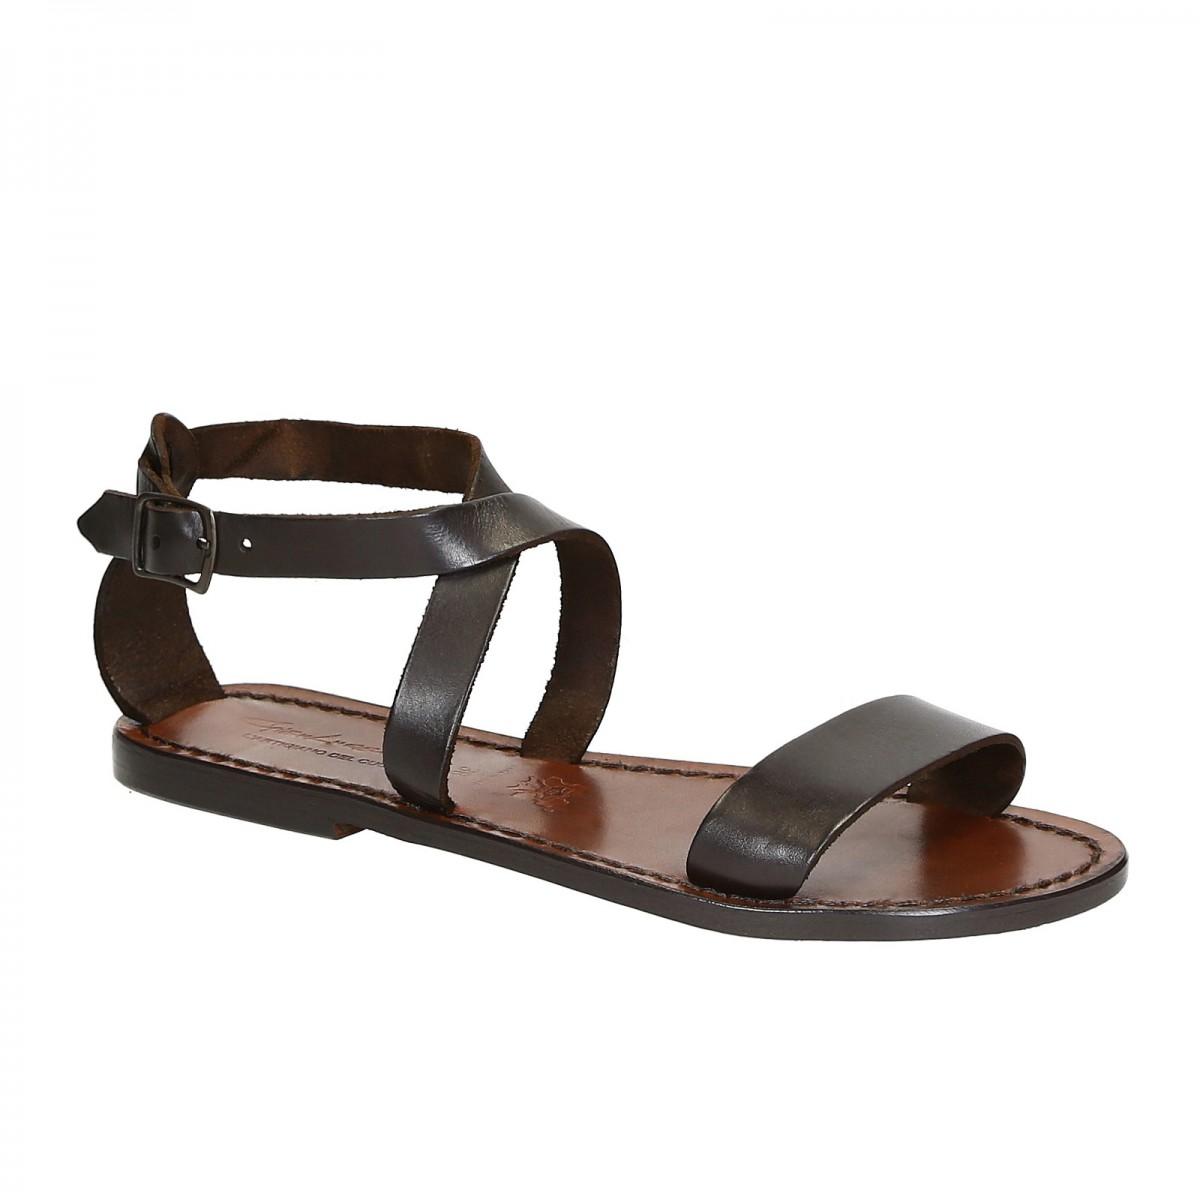 pretty nice 4eb85 34710 Damen-Sandalen aus dunkelbraunem Leder in Italien von Hand gefertigt